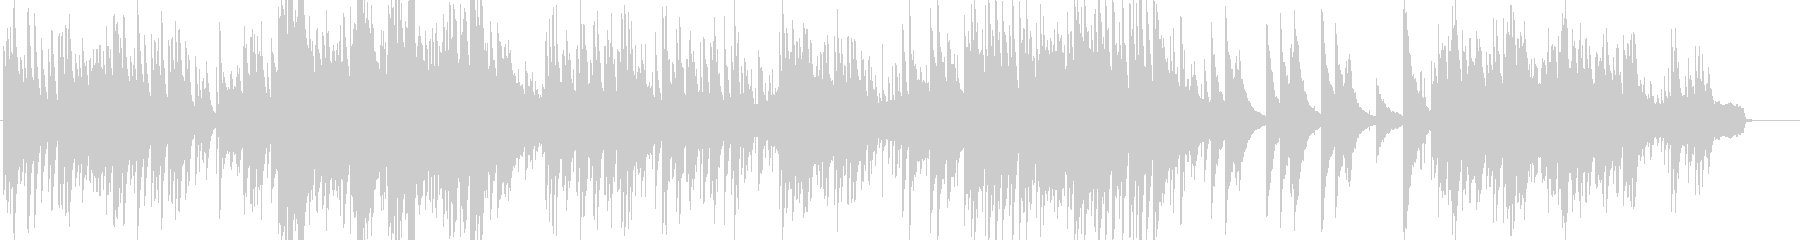 可愛いピアノのメロディーの音楽の未再生の波形